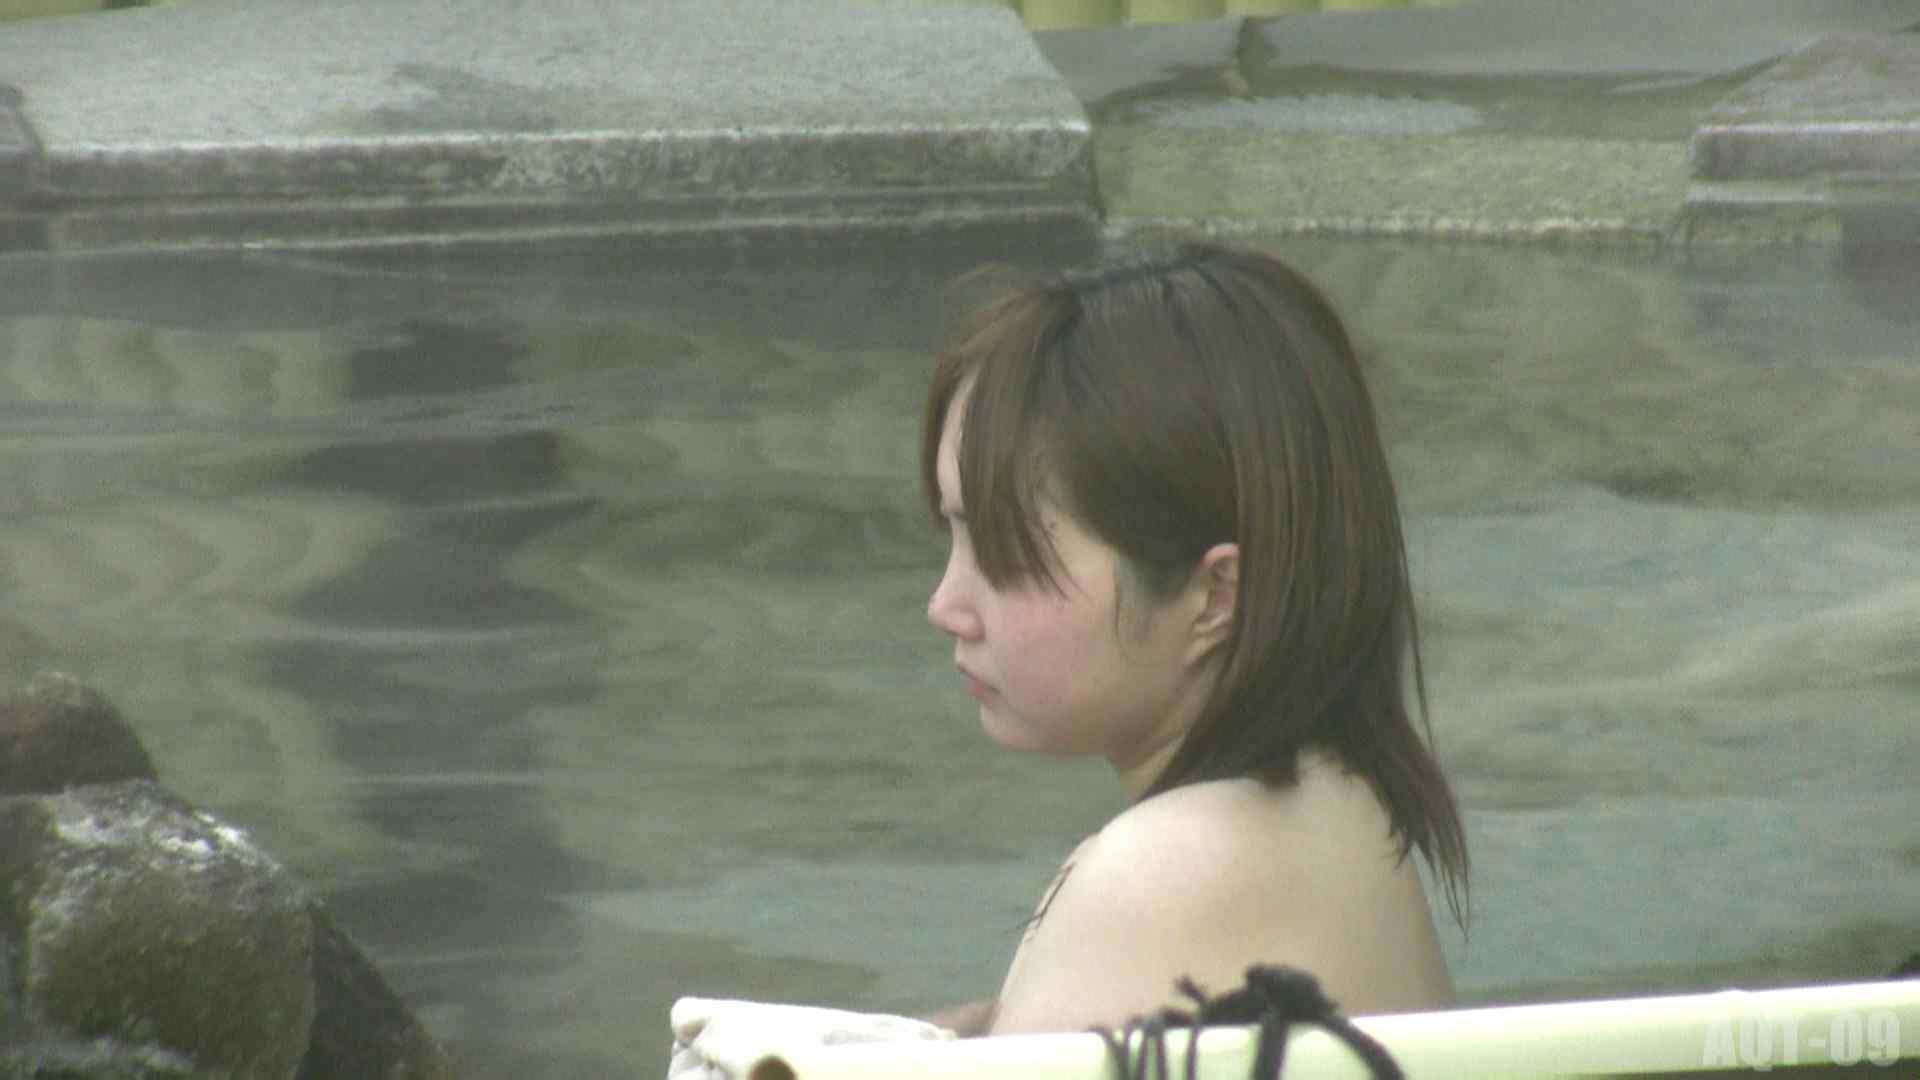 Aquaな露天風呂Vol.781 いやらしいOL オメコ無修正動画無料 48連発 17